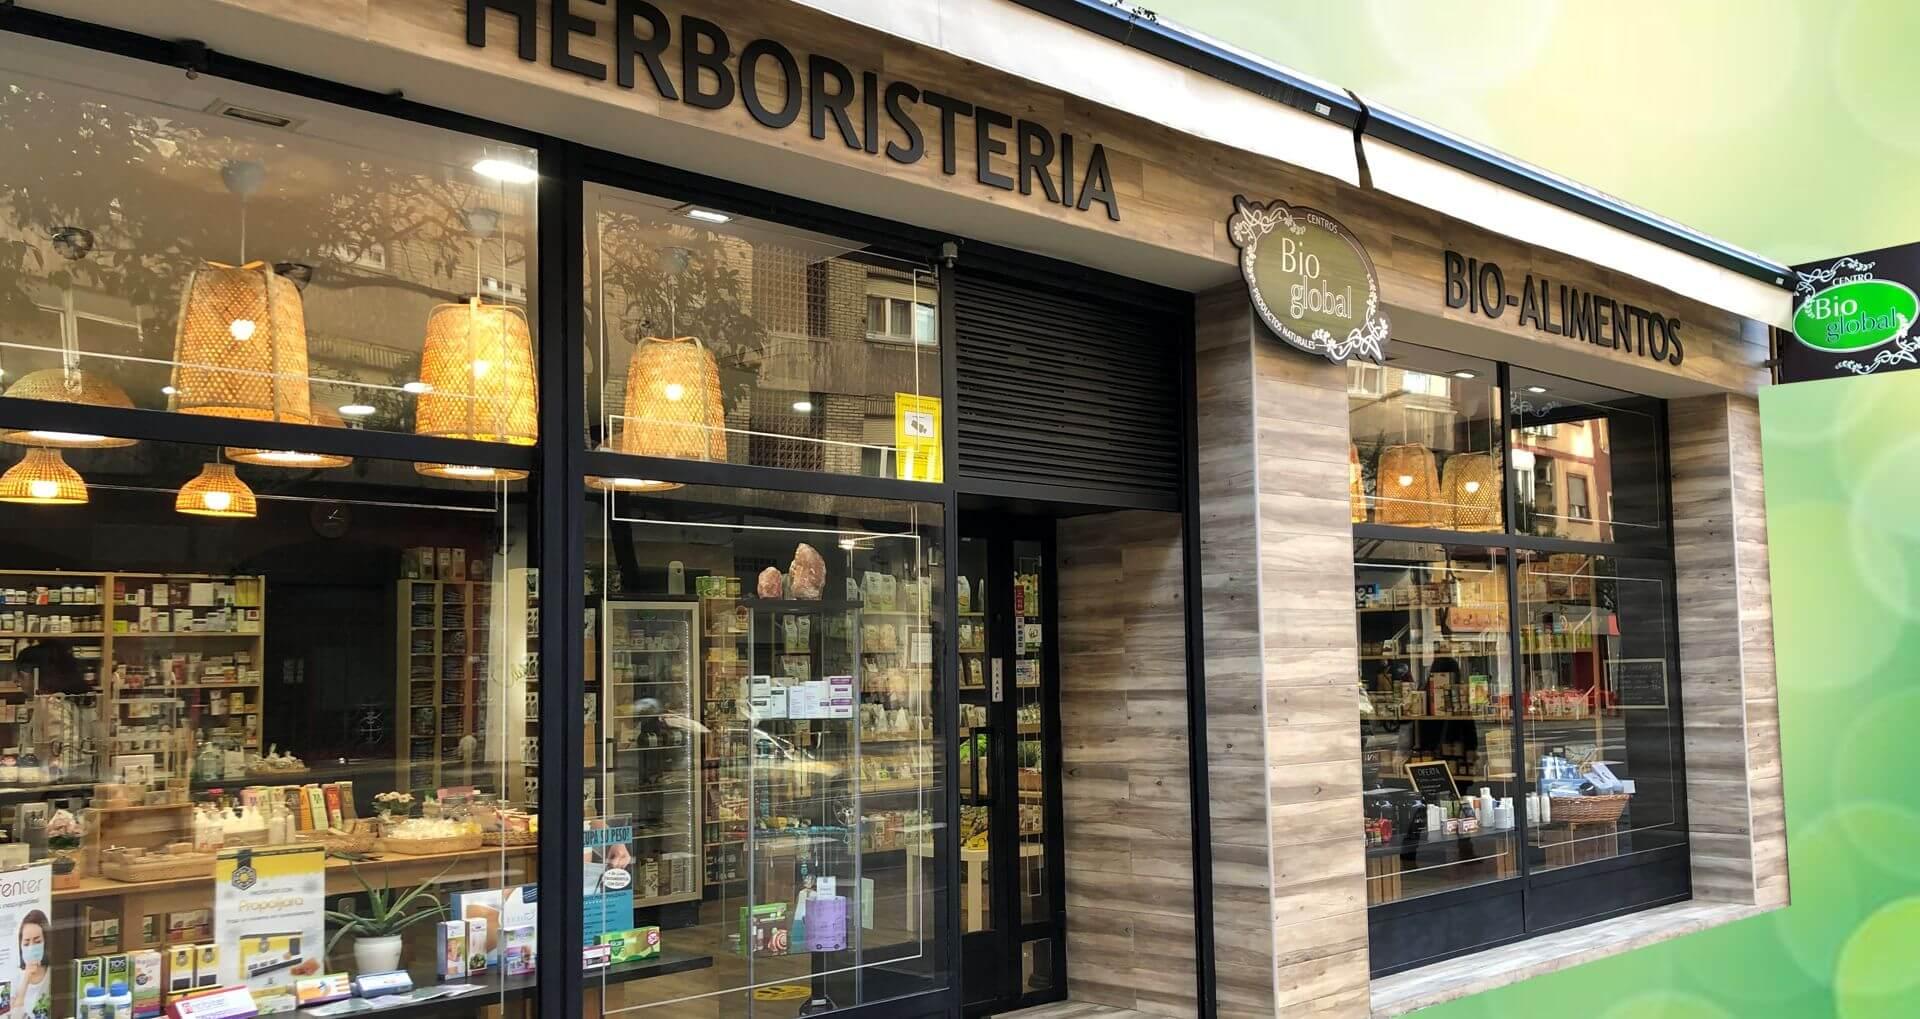 herboristeria bio alimentos